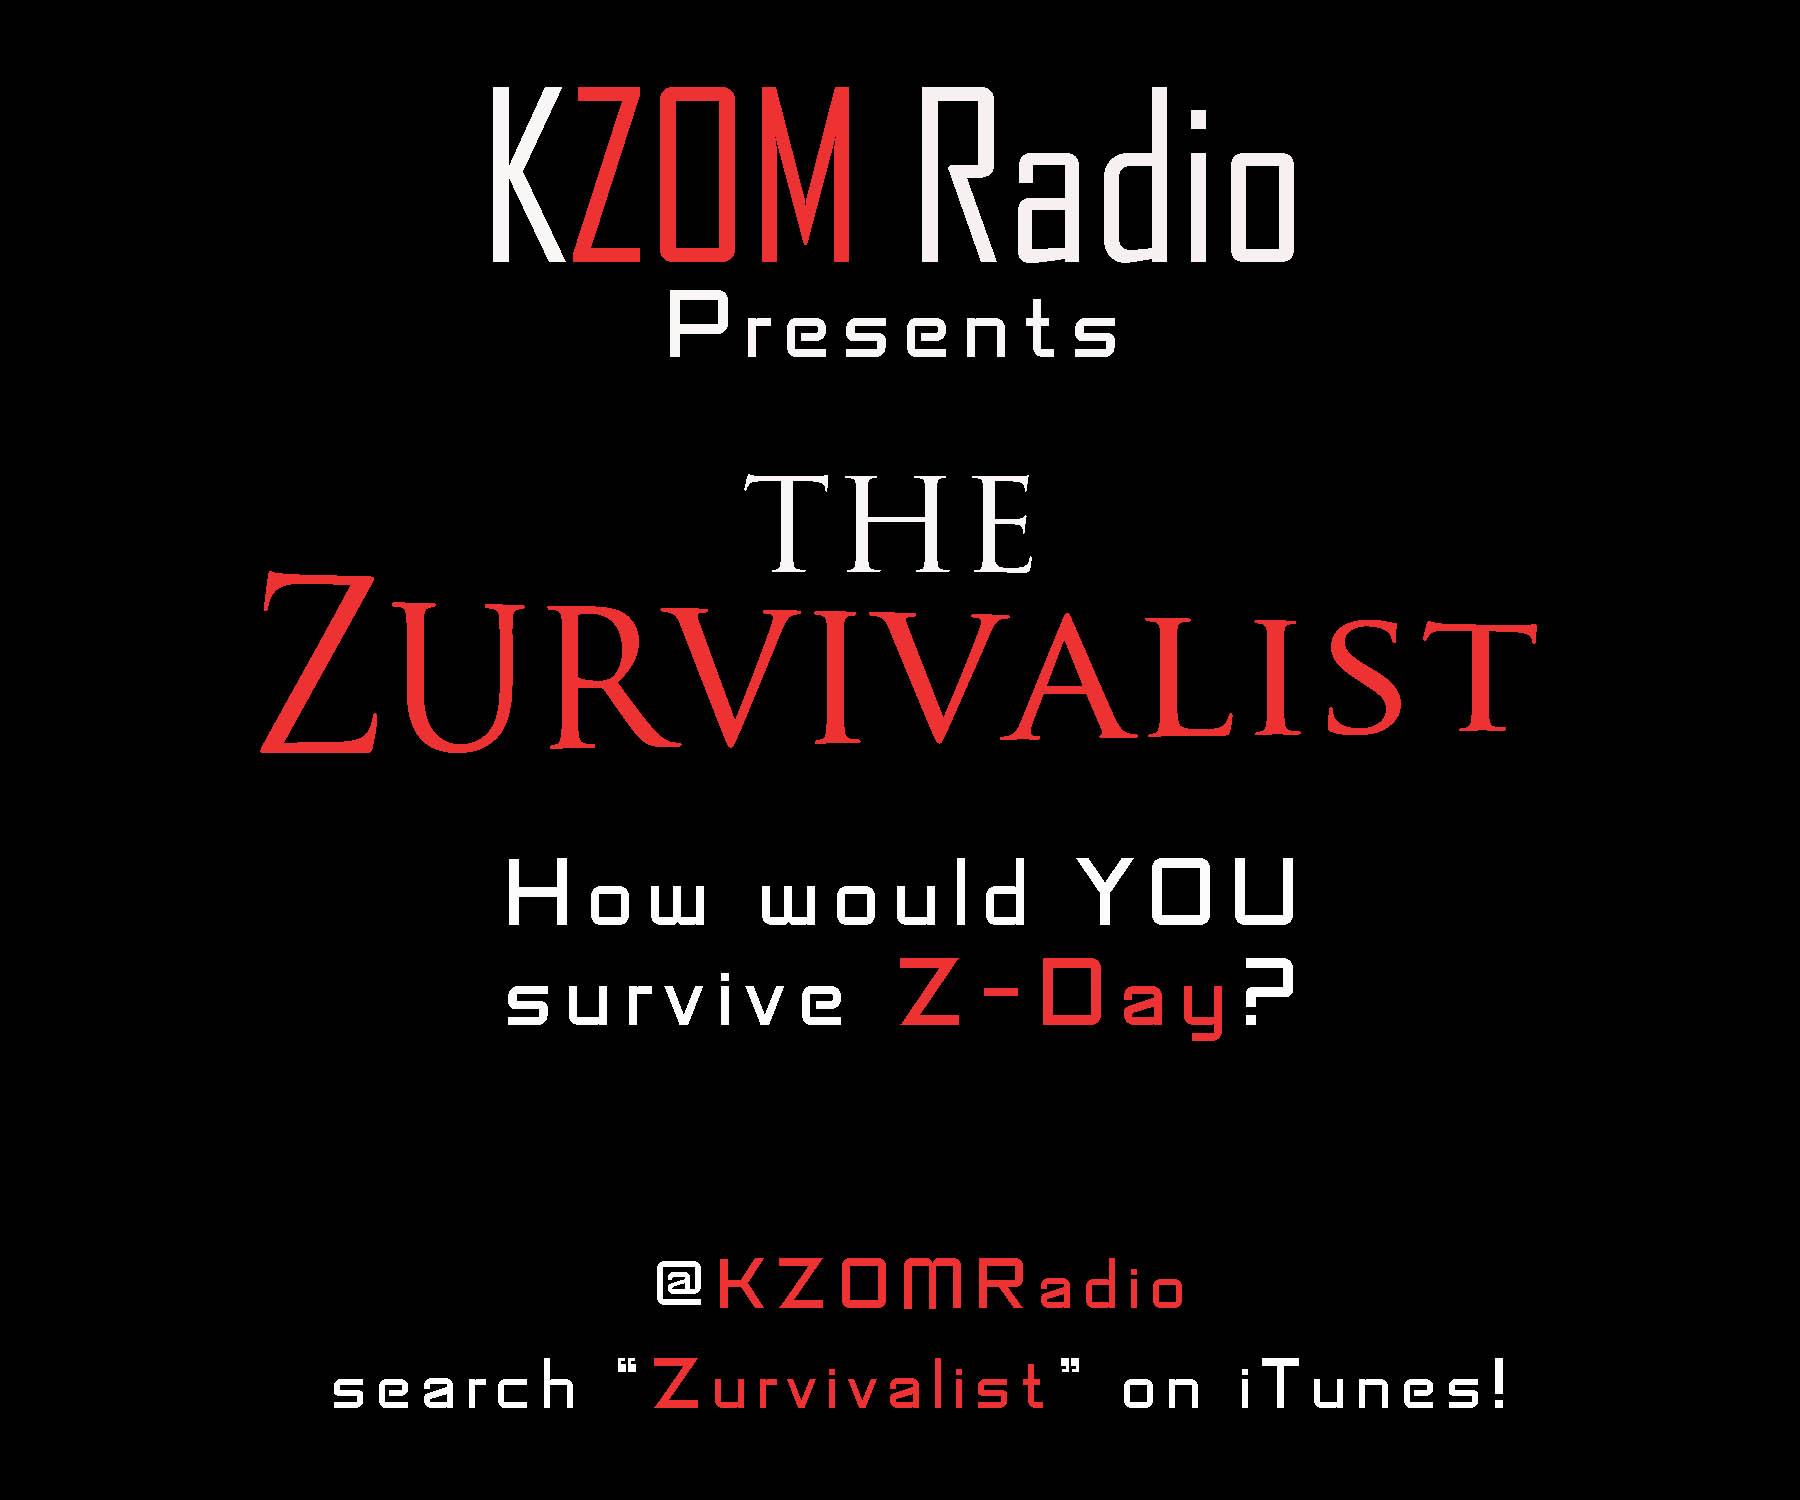 The Zurvivalist - Episode 1 - Jason from Phoenix (The Zurvivalist - KZOM Radio)